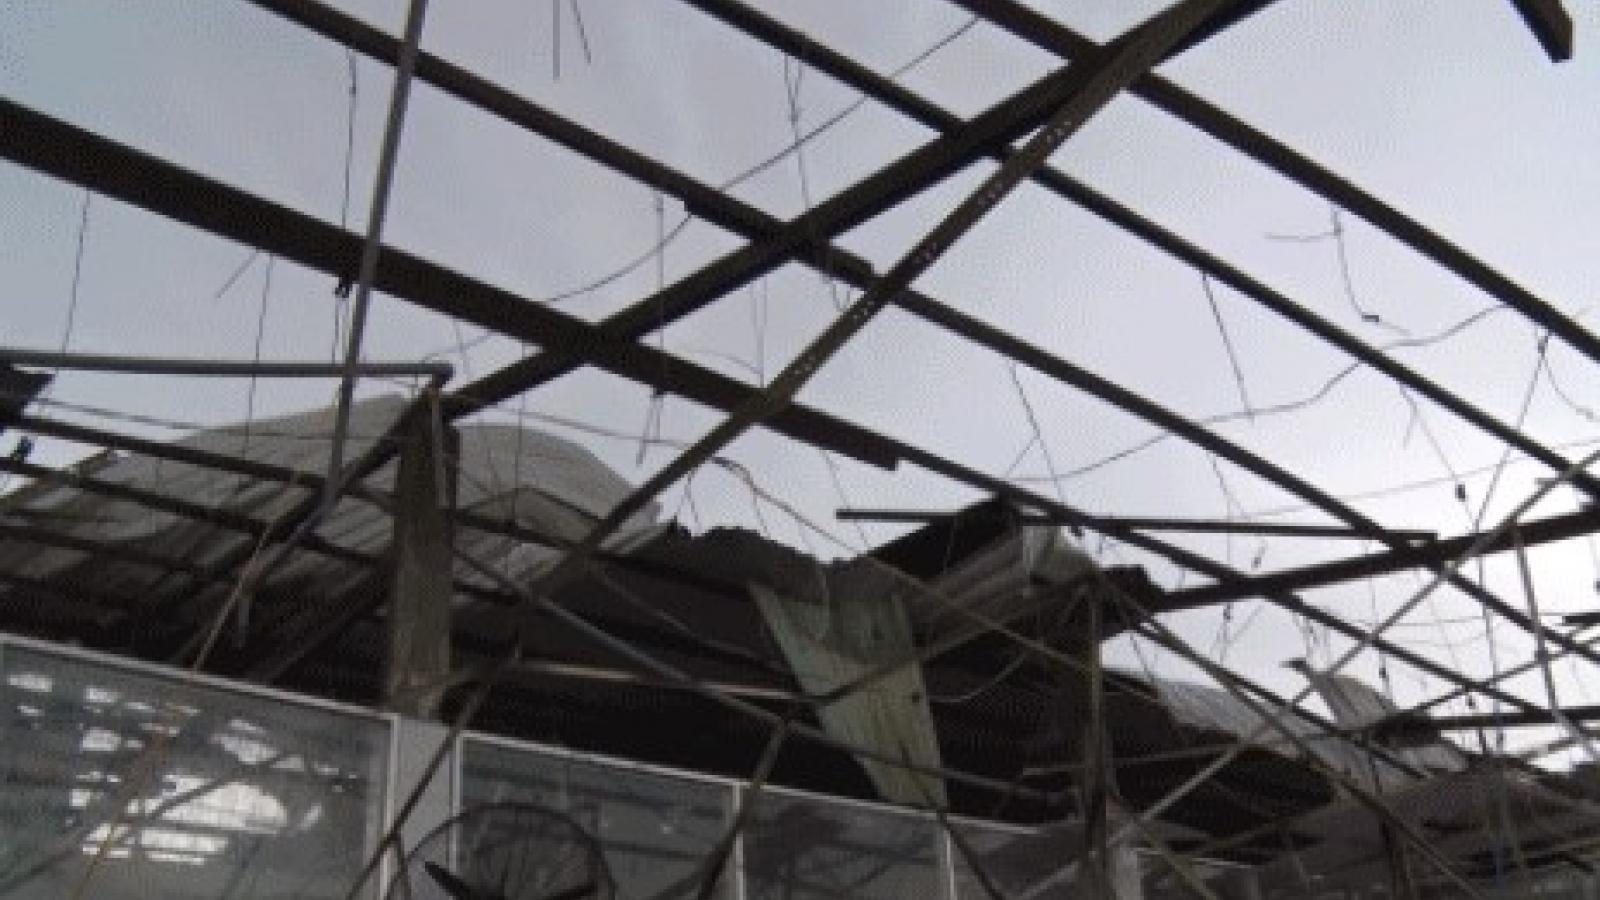 Dông lốc, sạt lở gây thiệt hại gần 3 tỷ đồng ở Hậu Giang